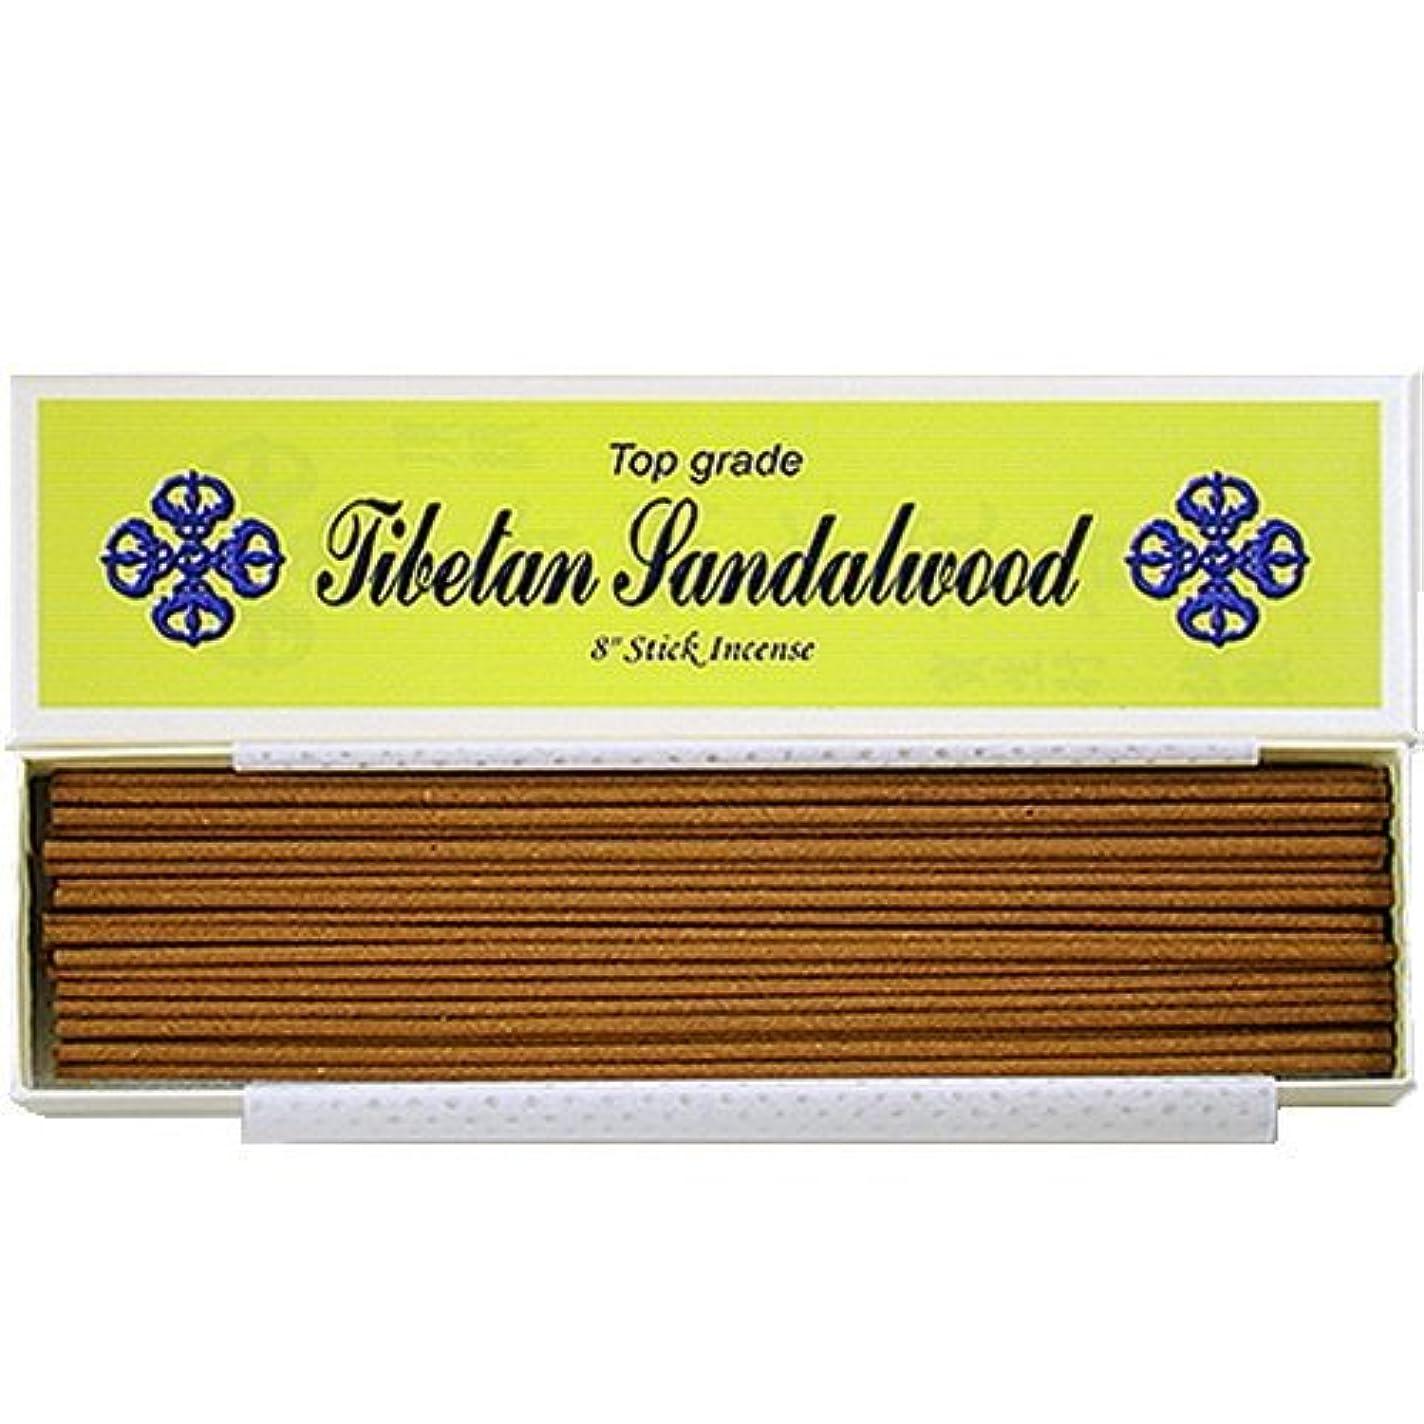 東ティモールインスタンスごみ20cm Top Grade Tibetan Sandalwood Stick Incense - 100% Natural - J007Tr-r1